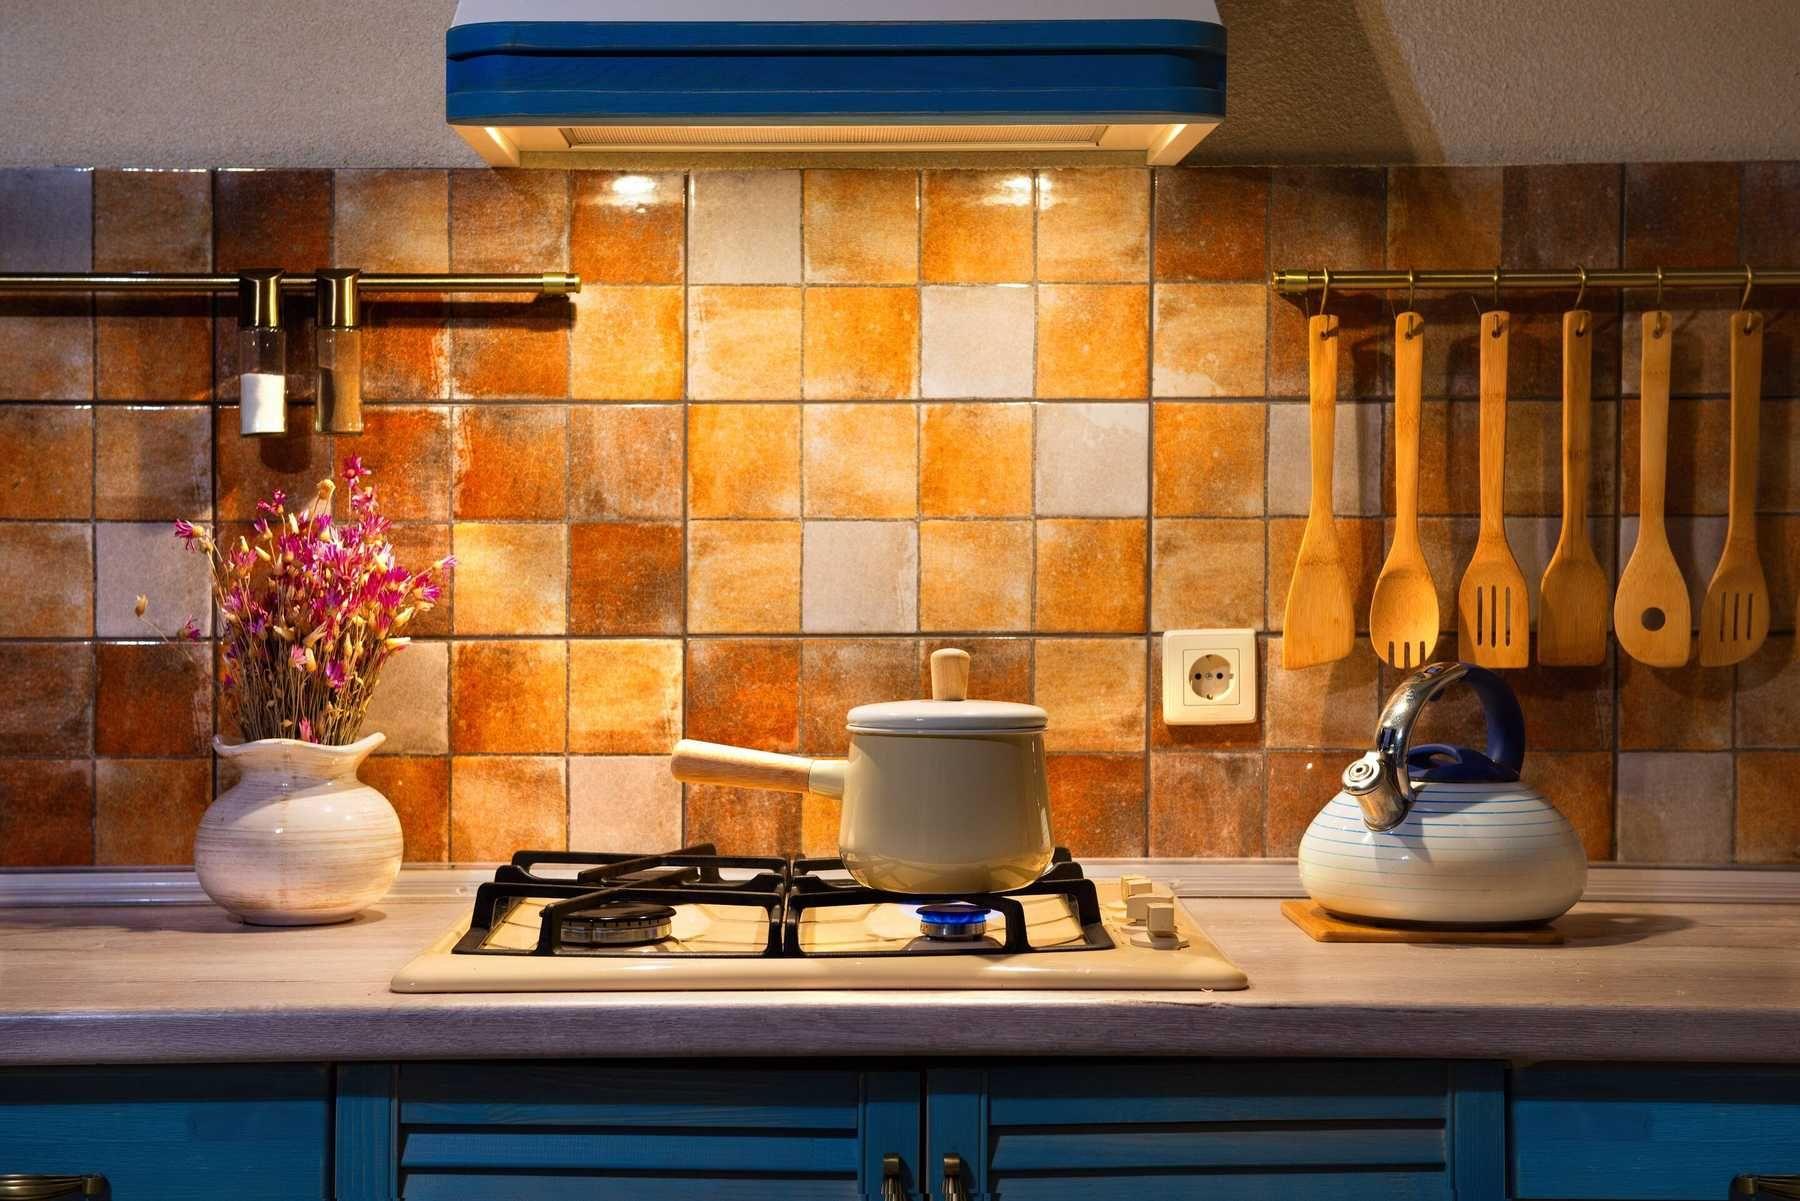 Trang trí phòng bếp bằng gạch ốp tường độc đáo